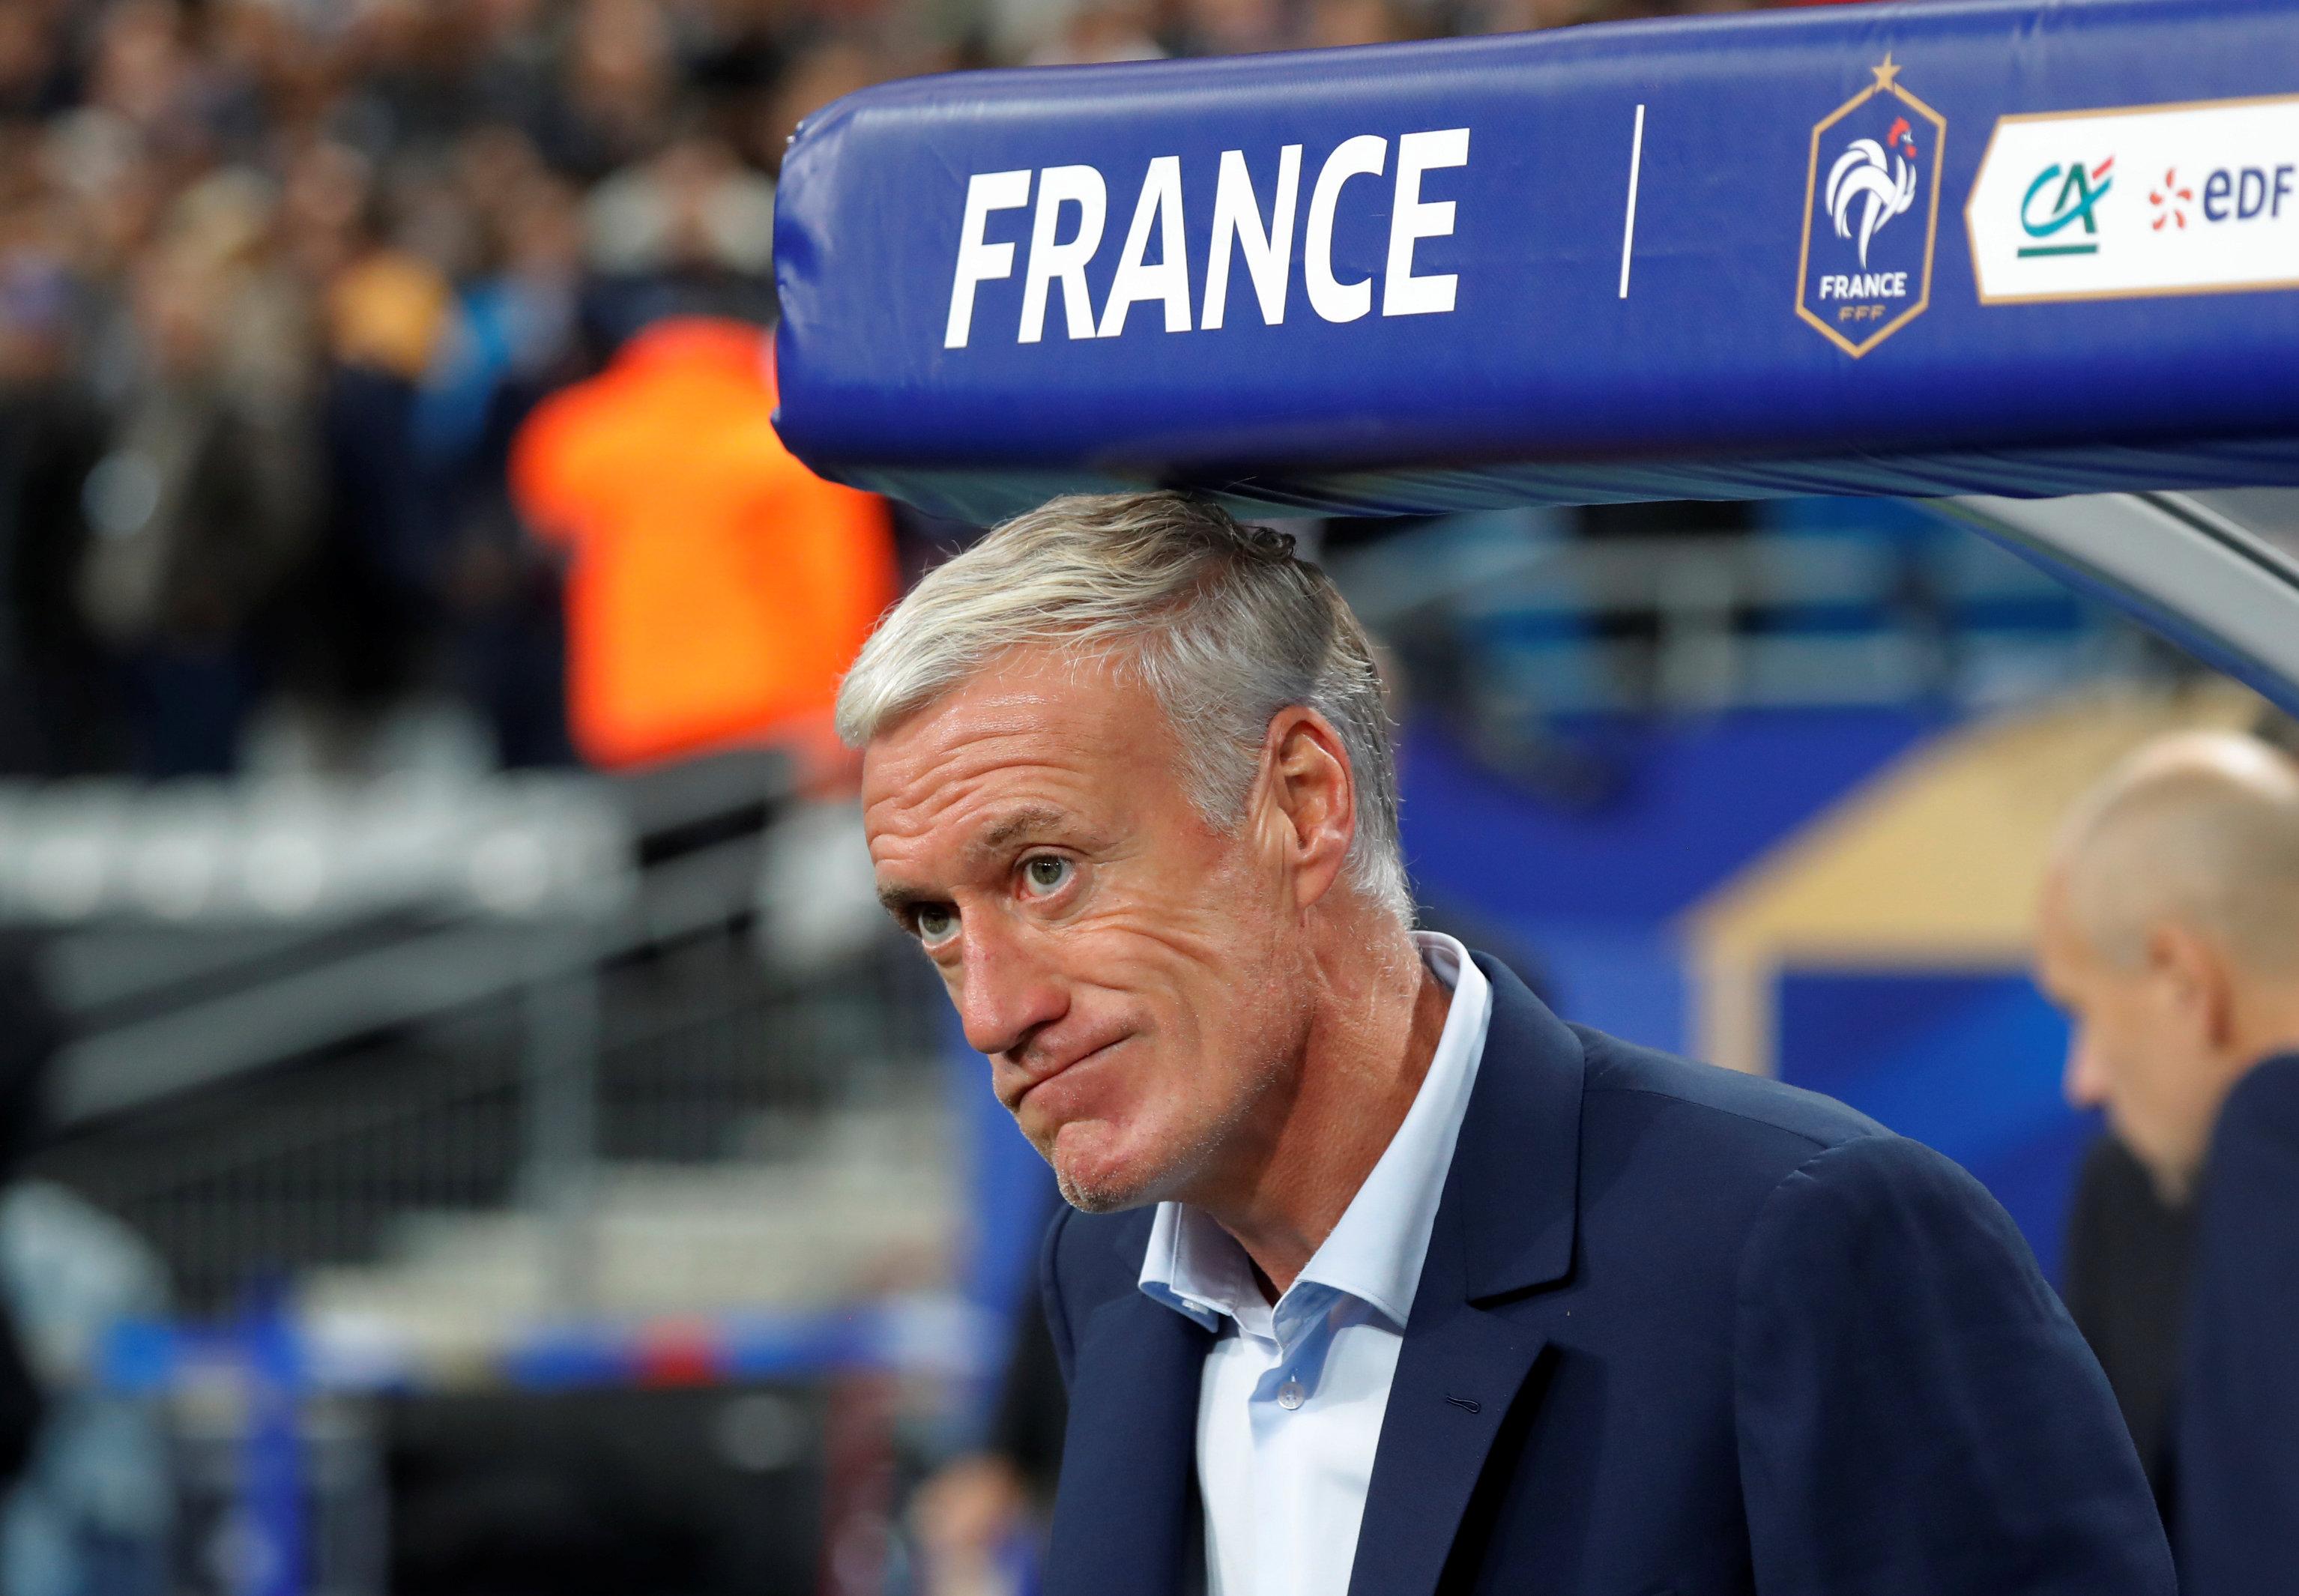 HLV Deschamps sẽ dẫn dắt tuyển Pháp đến năm 2020. Ảnh: REUTERS